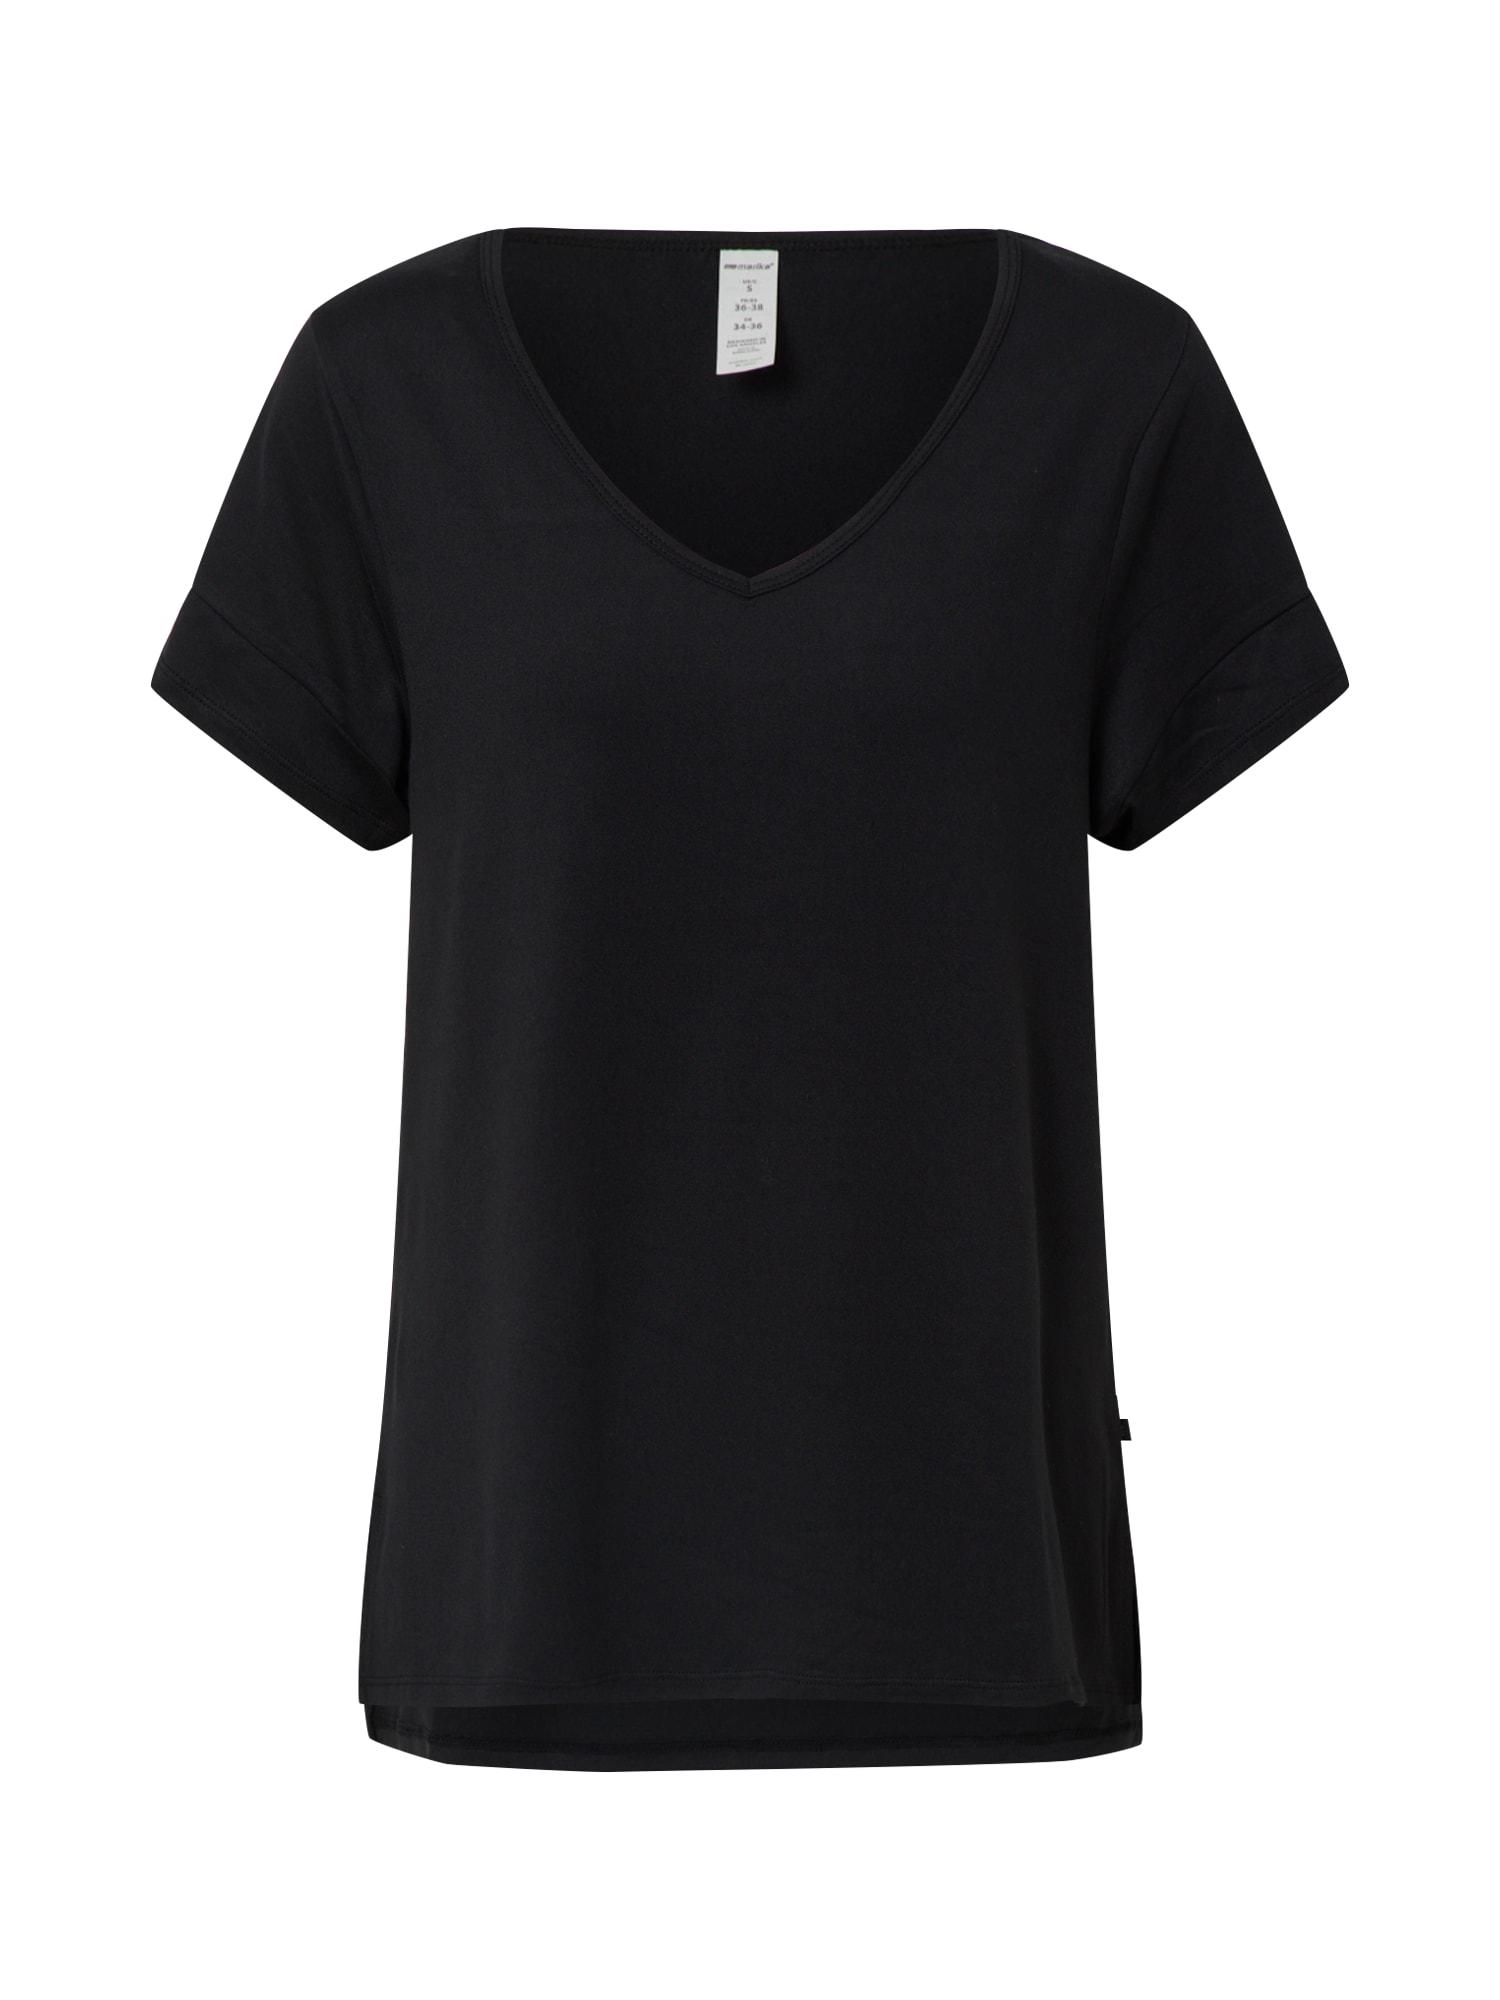 Marika Sportiniai marškinėliai 'VANCE TEE' juoda